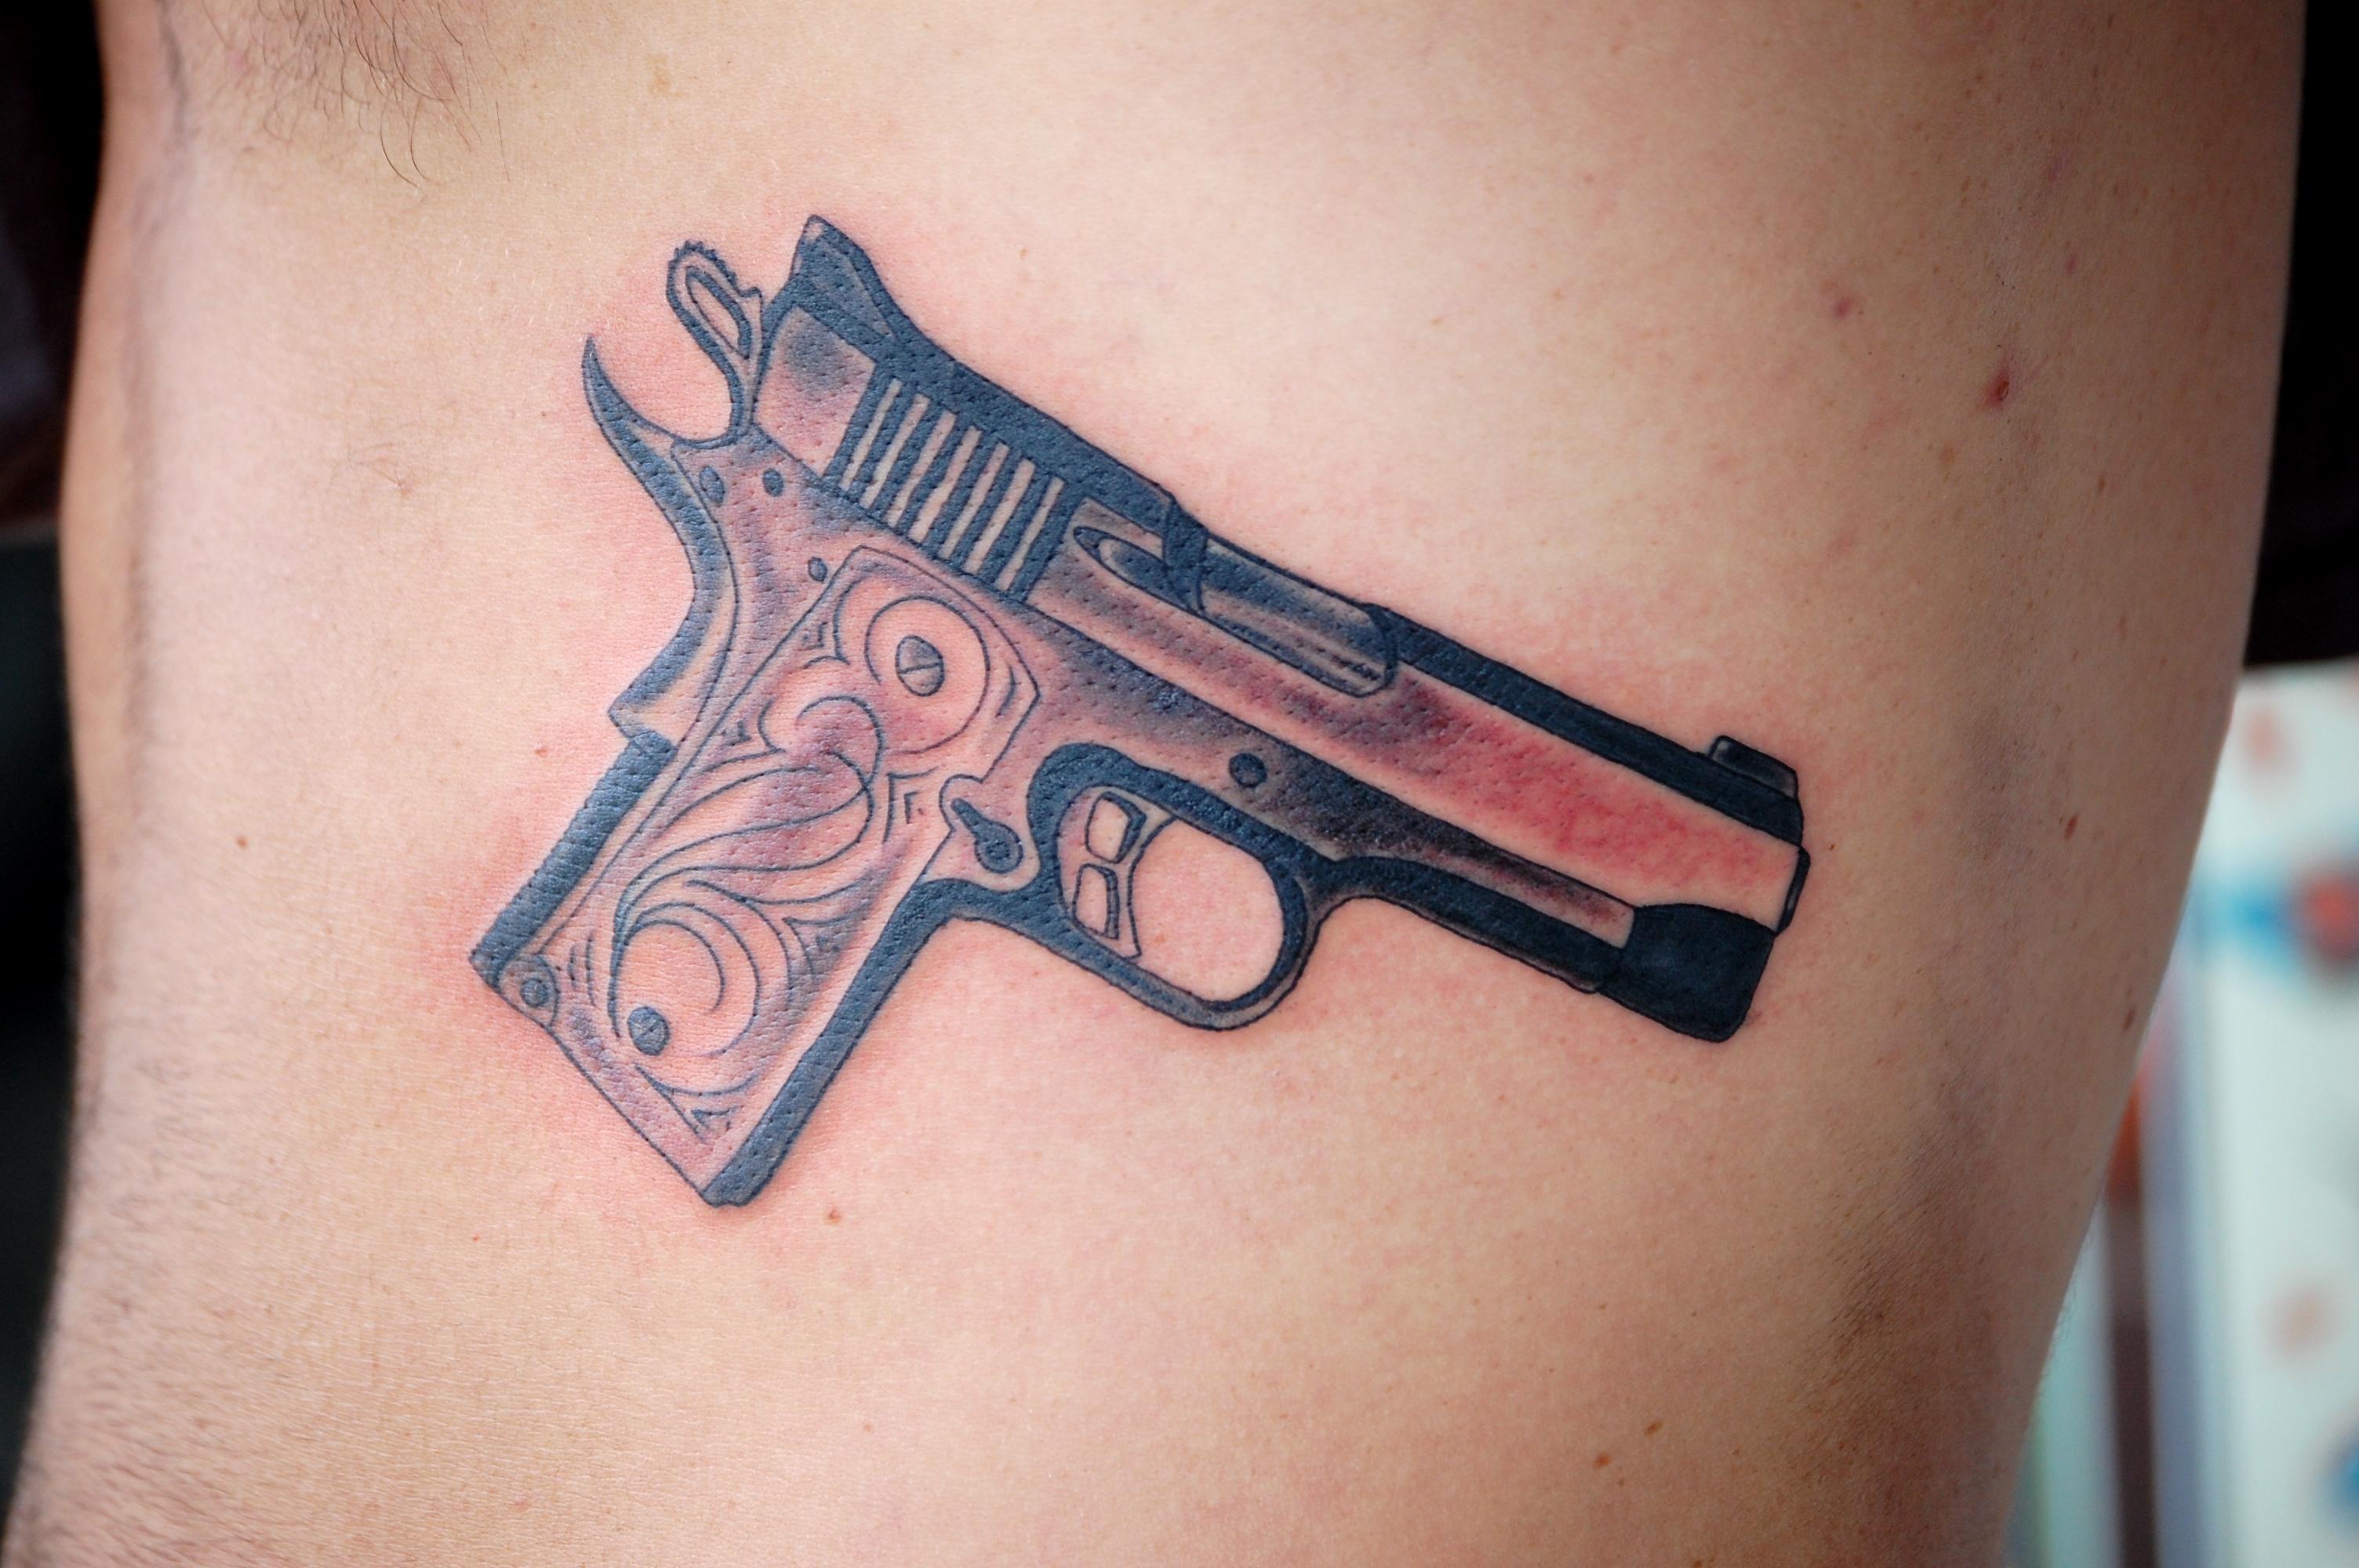 cool gun tattoo i did and head tattoo tattoos by nick kelly